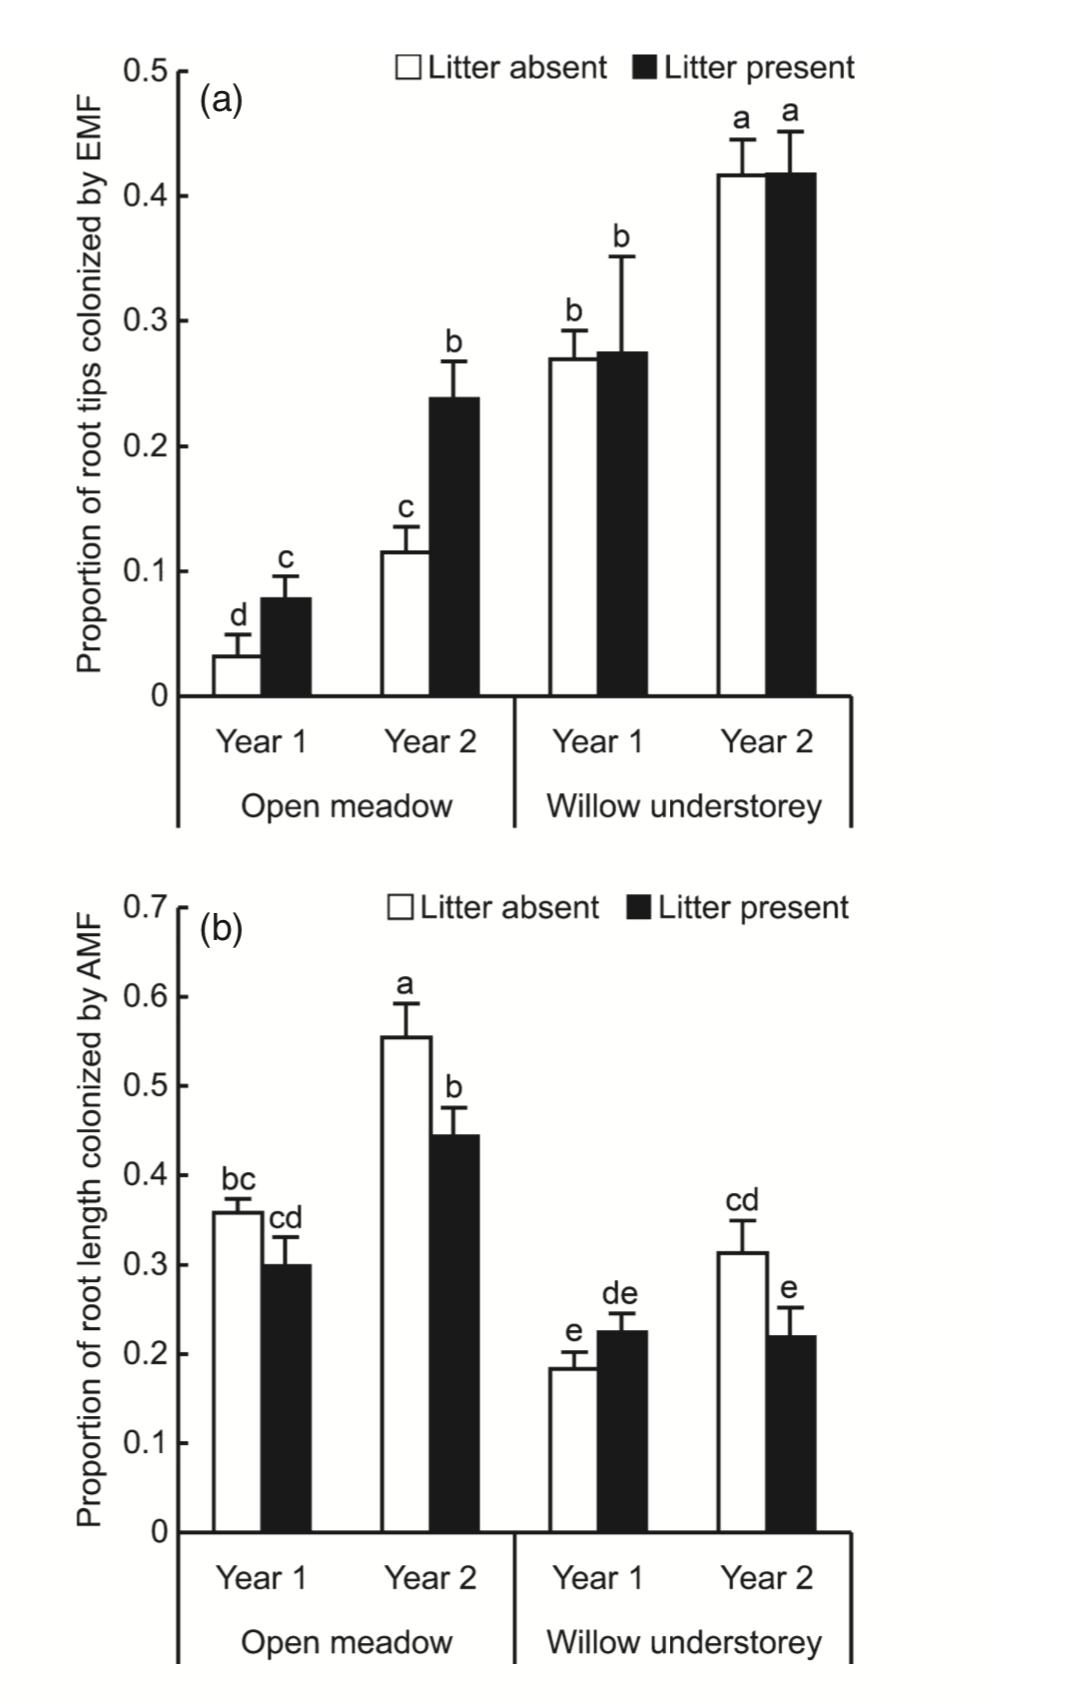 Leaf litter enhancing ECM colonization in open meadow (top). Leaf litter reducing AMF colonization in open meadow and willow understory (bottom). Becklin et al. 2012 .